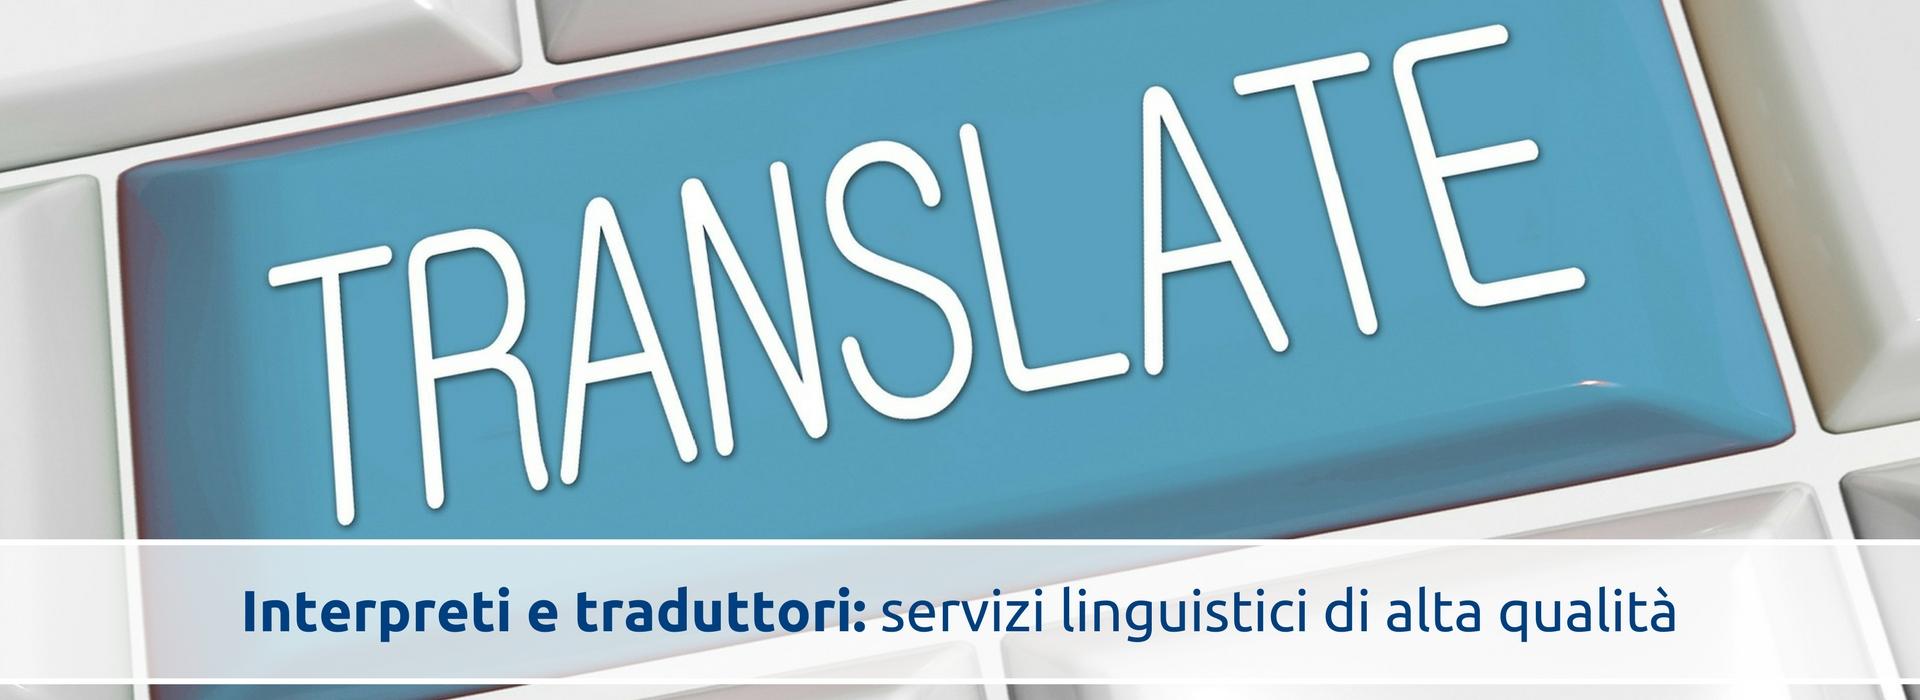 interpreti-e-traduttori-roma